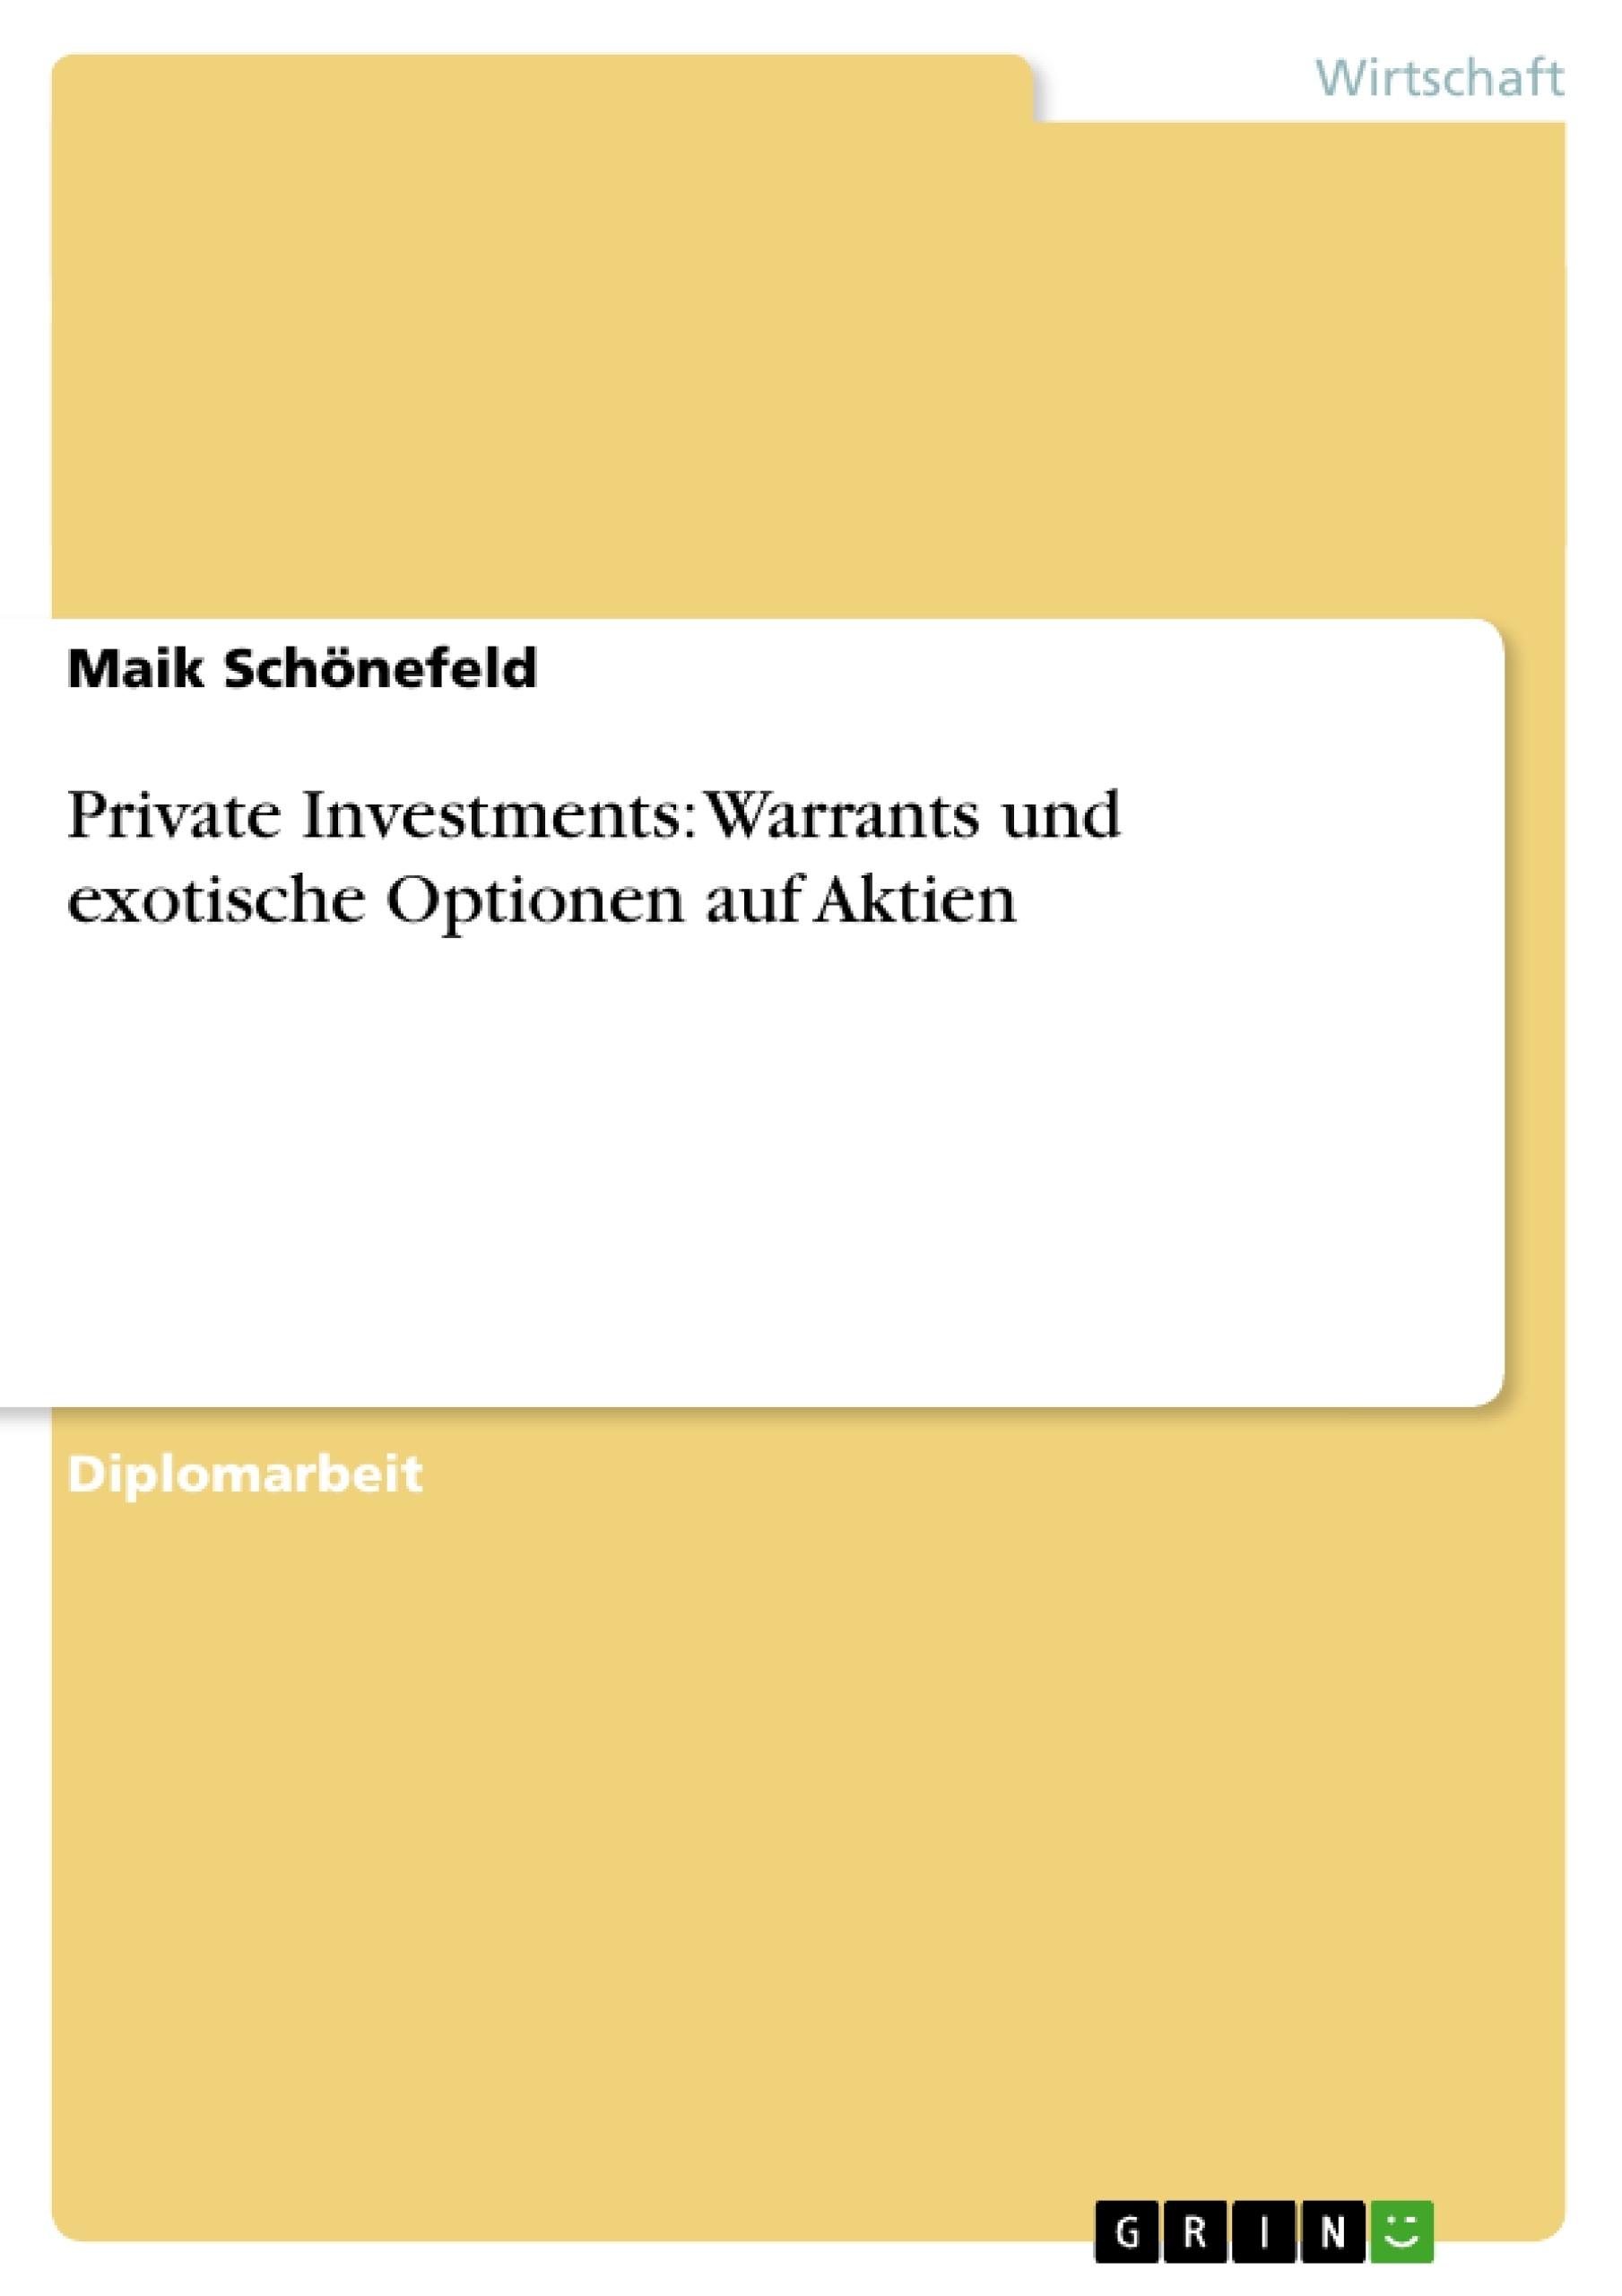 Titel: Private Investments: Warrants und exotische Optionen auf Aktien